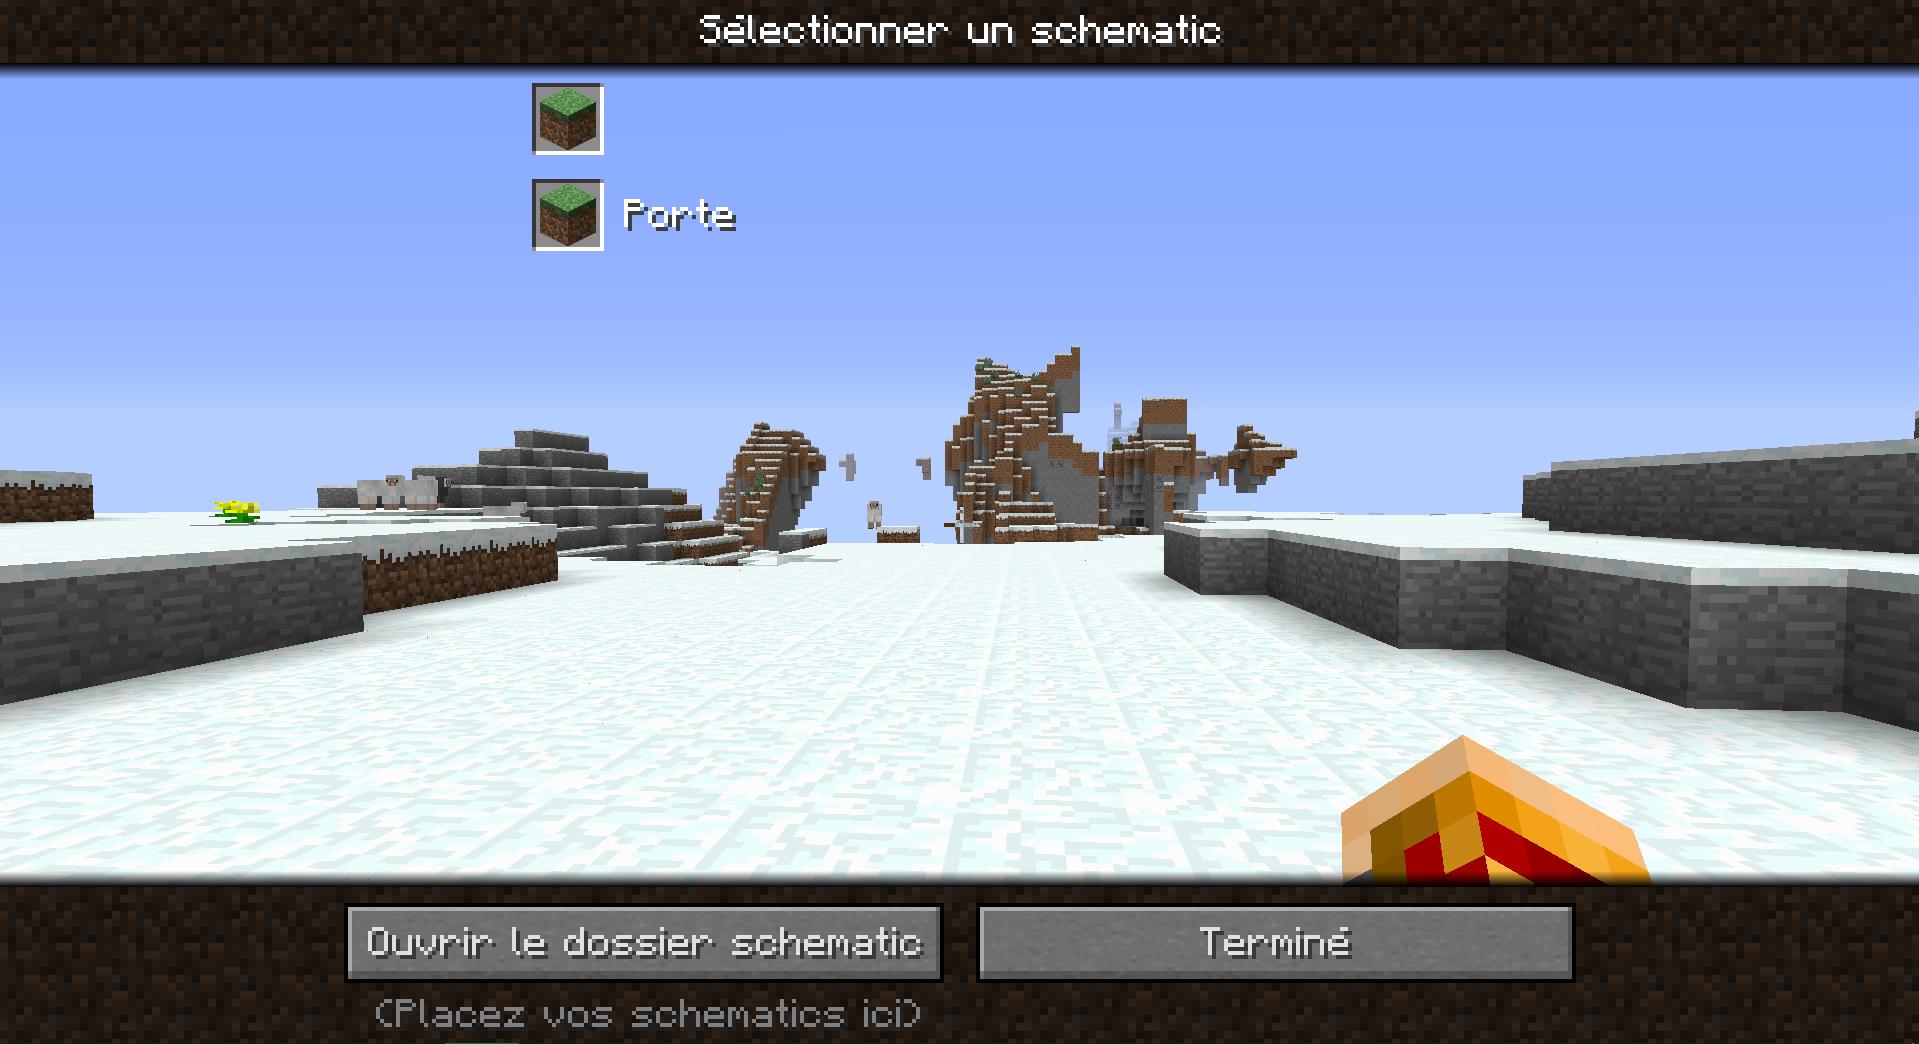 Schematica - 1 7 10 → 1 12 2 - Téléchargement & Guide • Minecraft fr